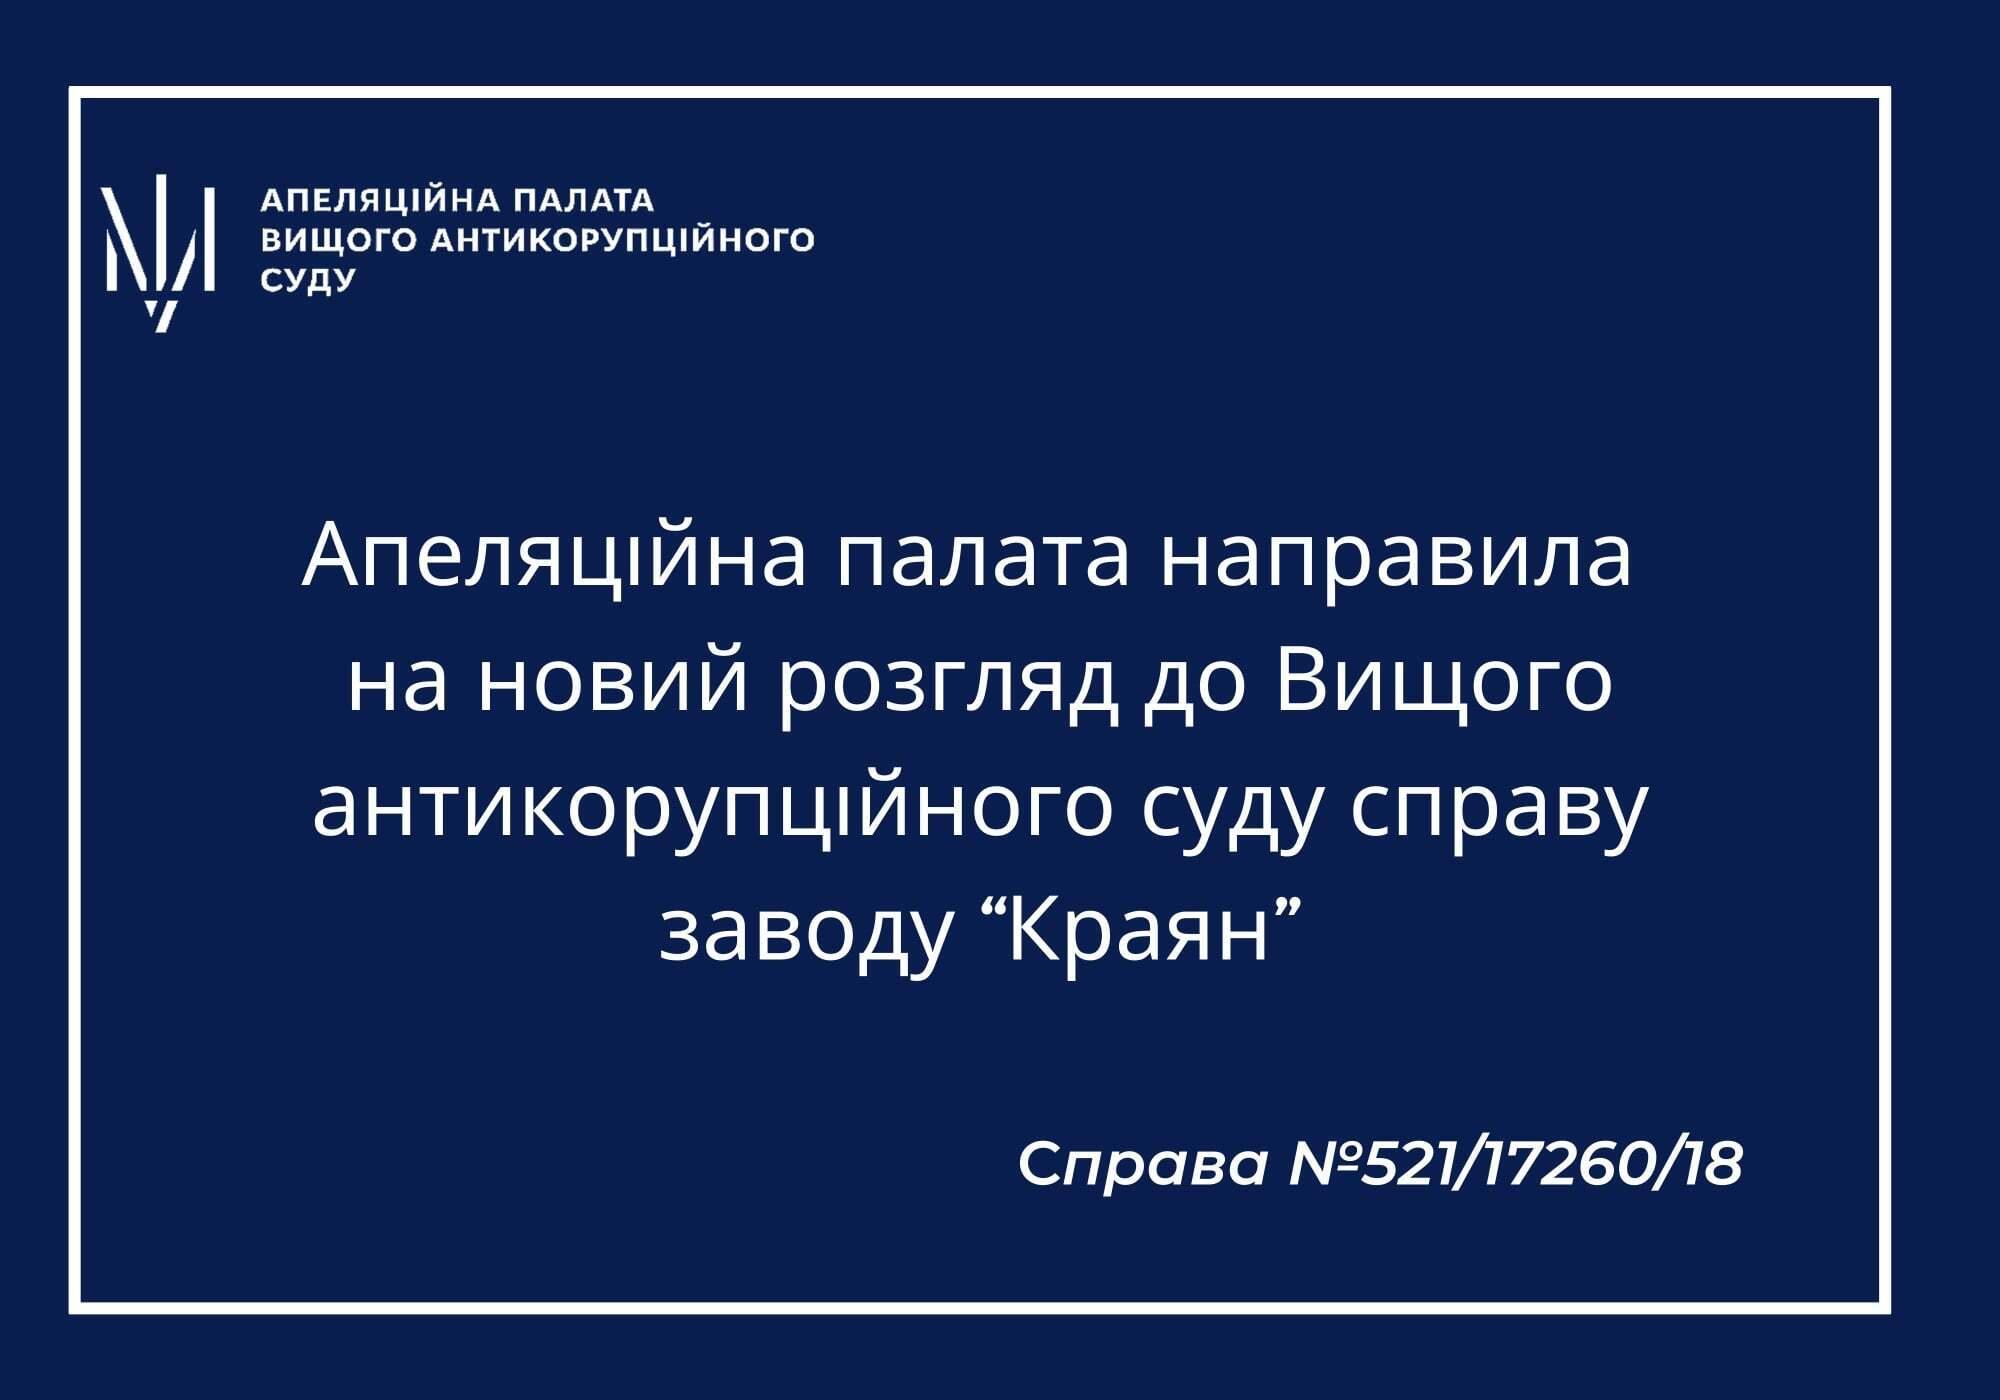 Facebook / Апелляционная палата Высшего антикоррупционного суда